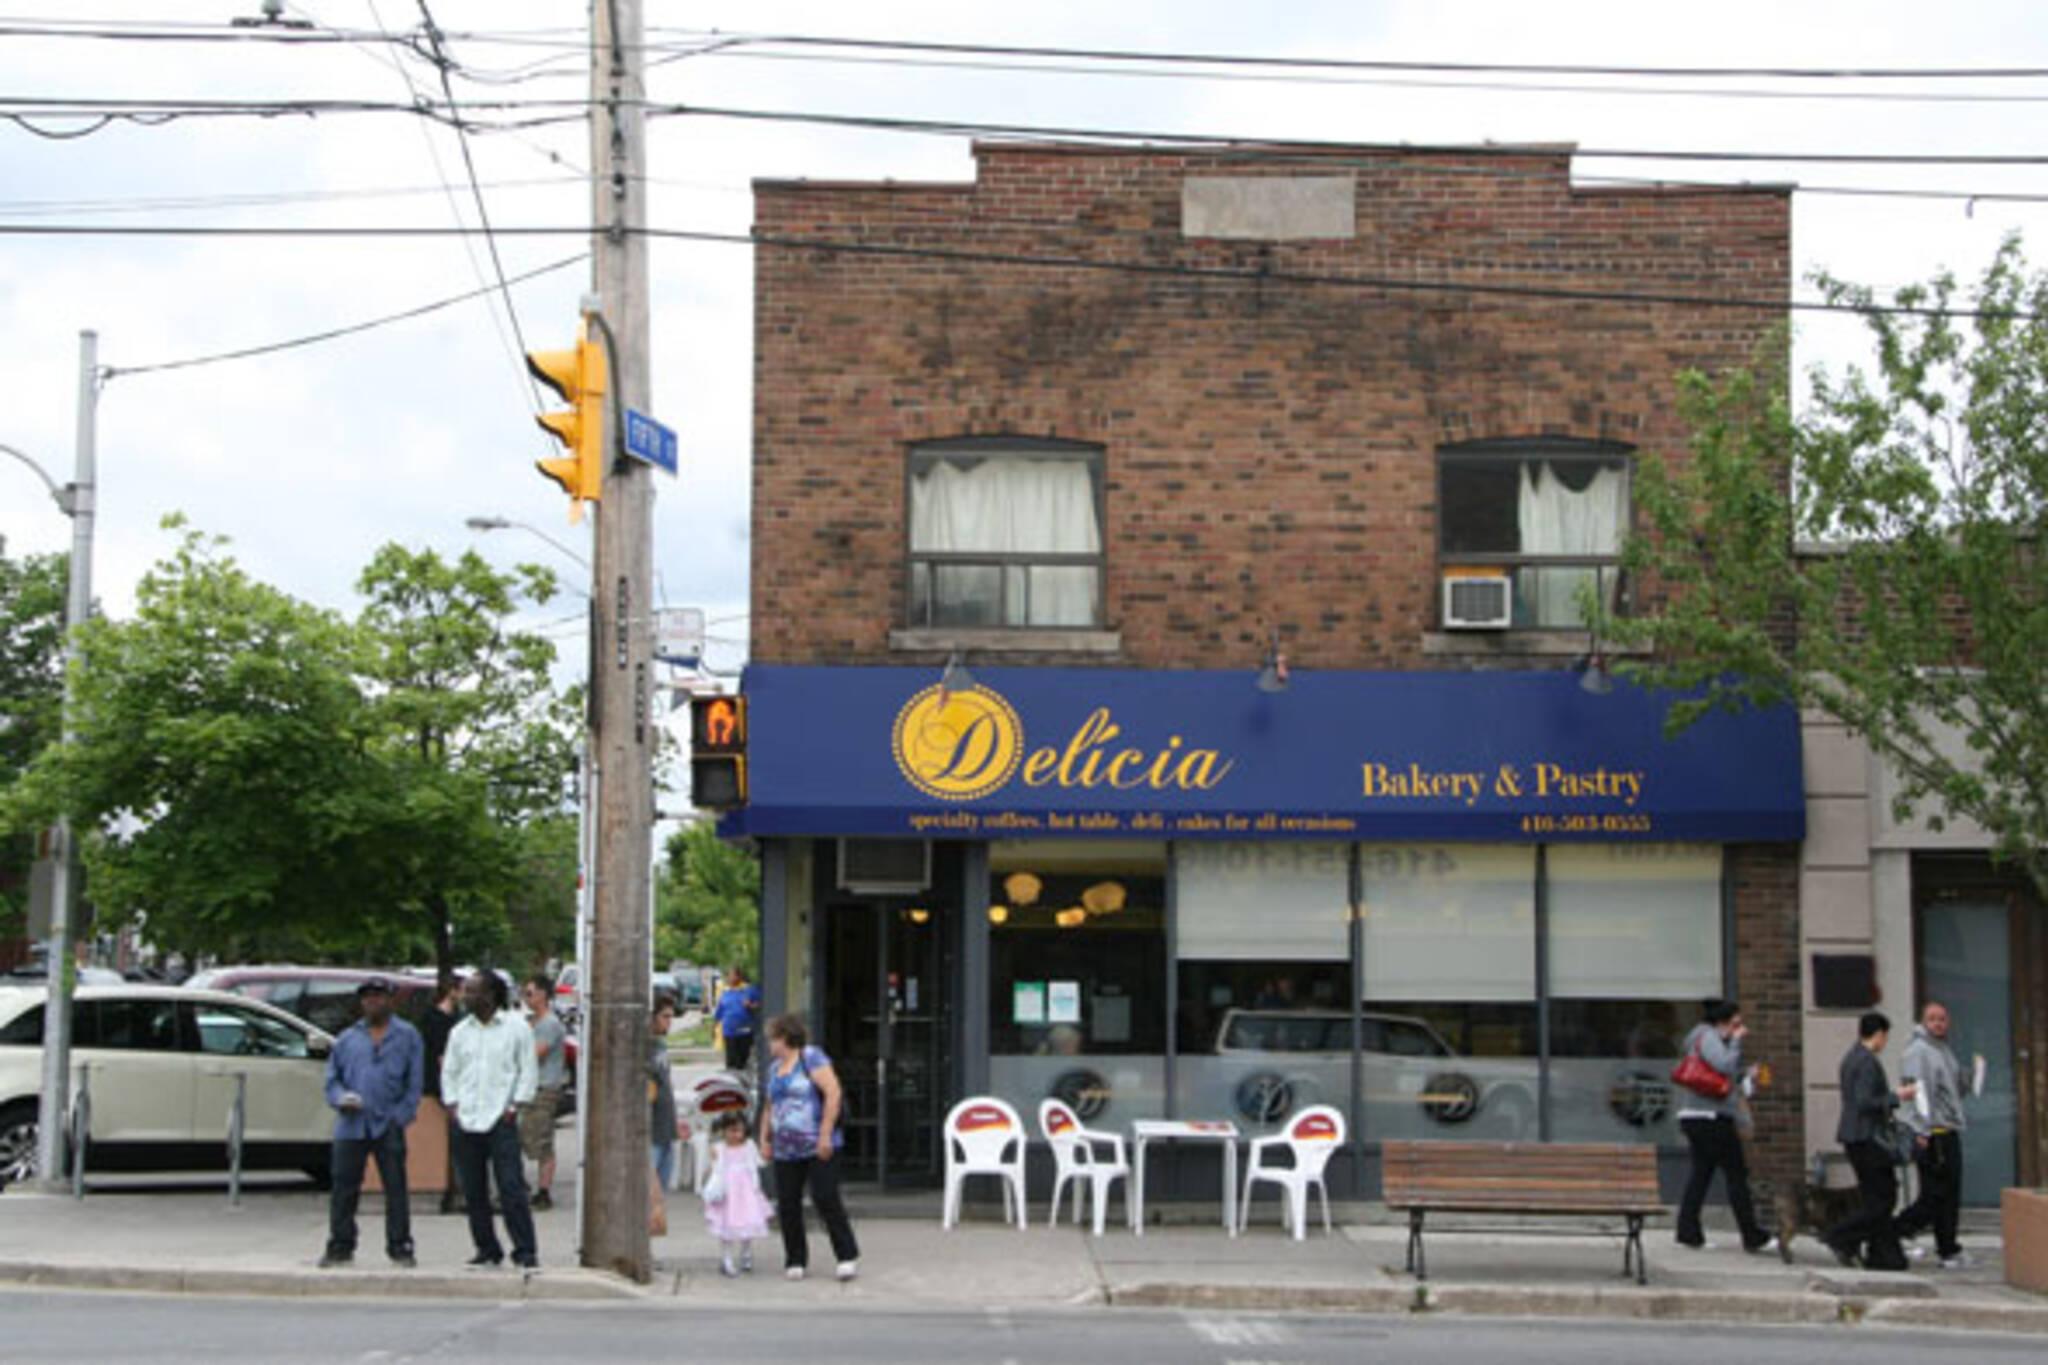 Delicia Toronto